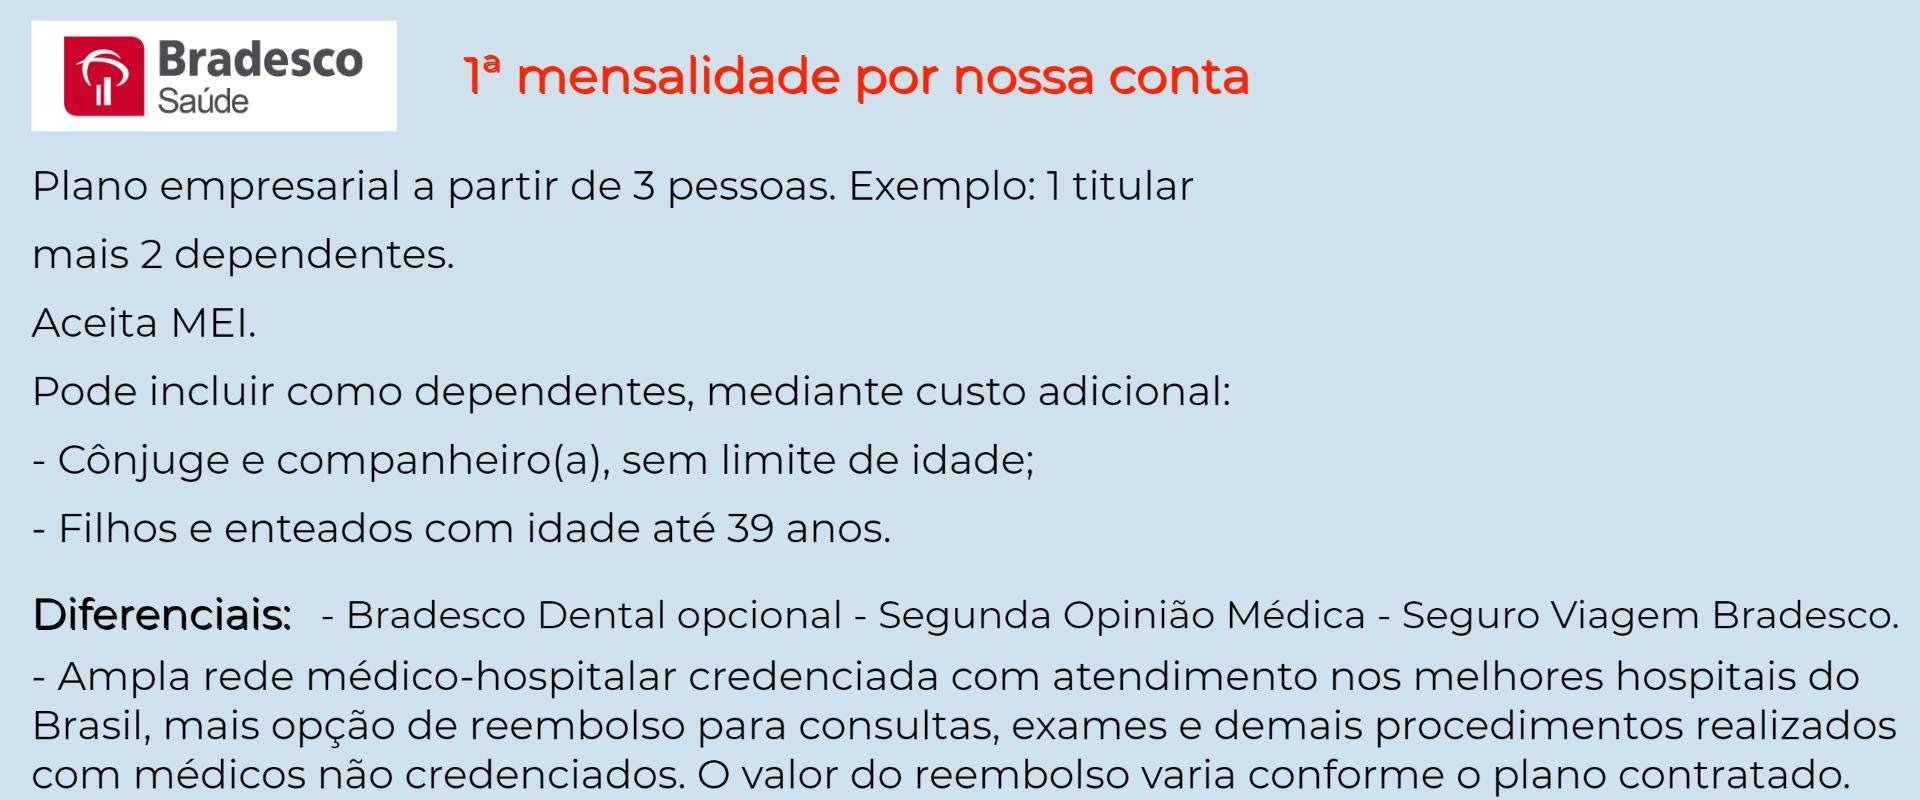 Bradesco Saúde Empresarial - Entre Rios